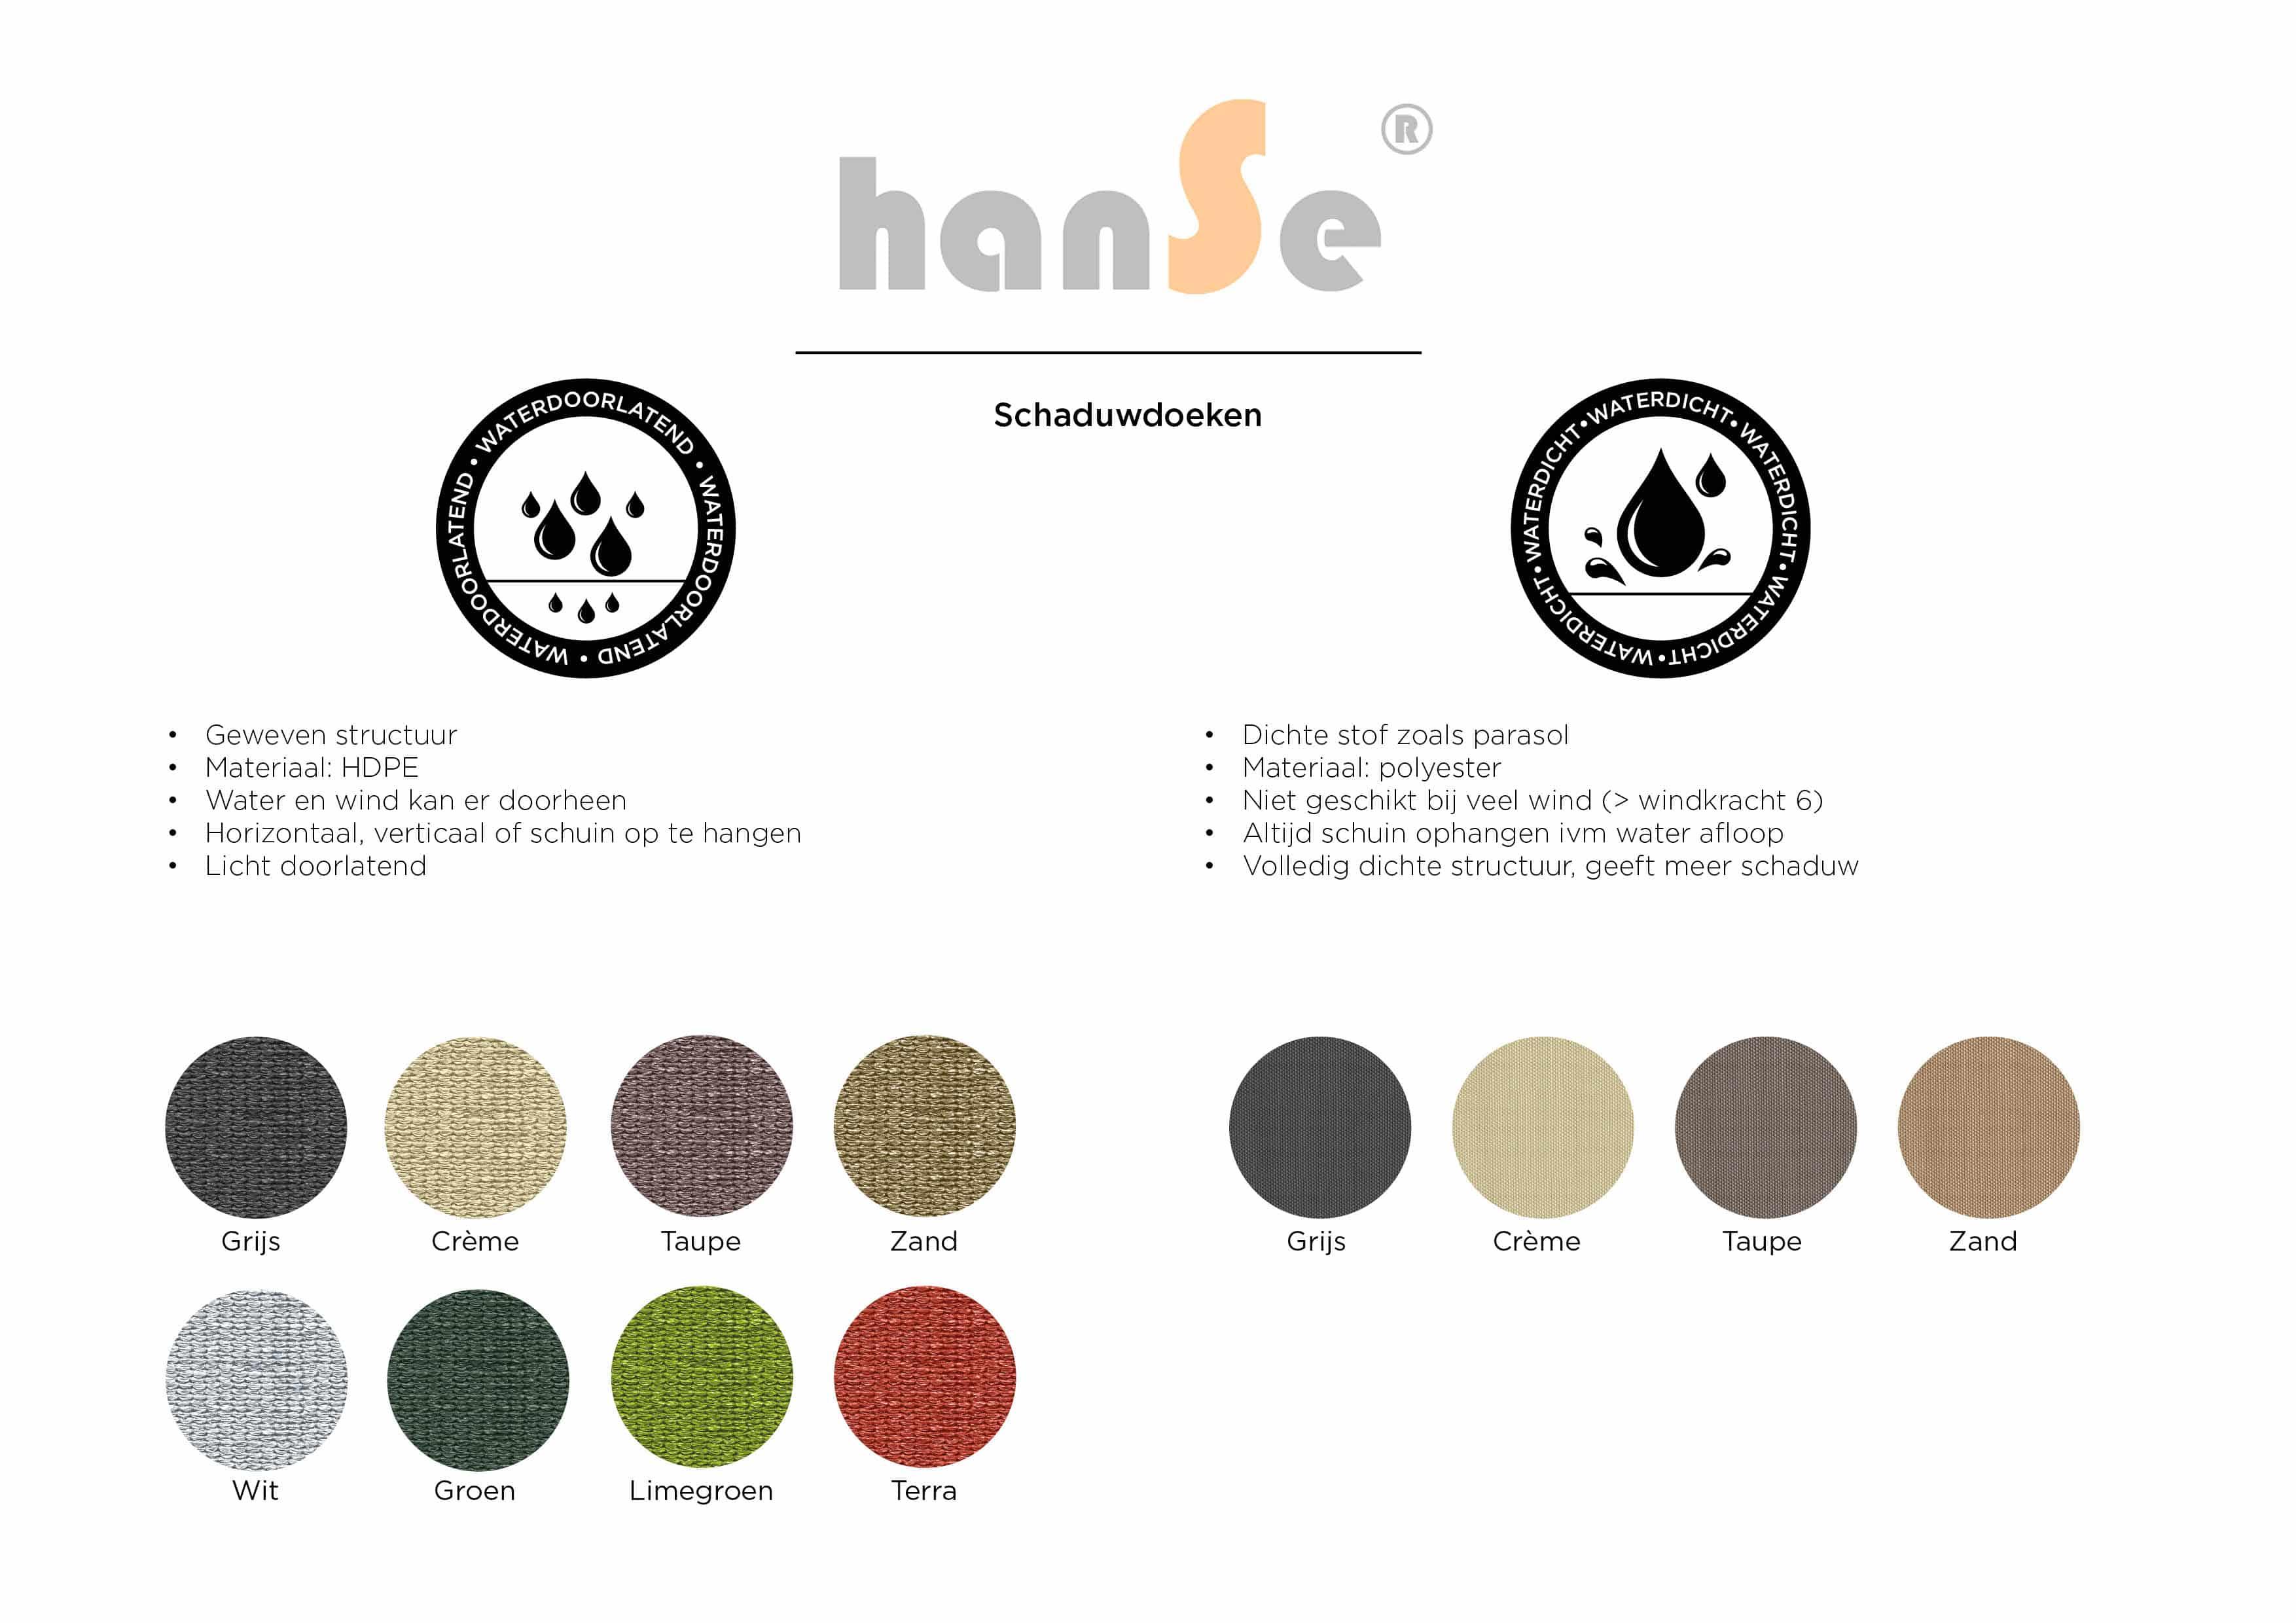 hanSe® Schaduwdoek Rechthoek Waterdoorlatend 3,5x4,5 m - Creme